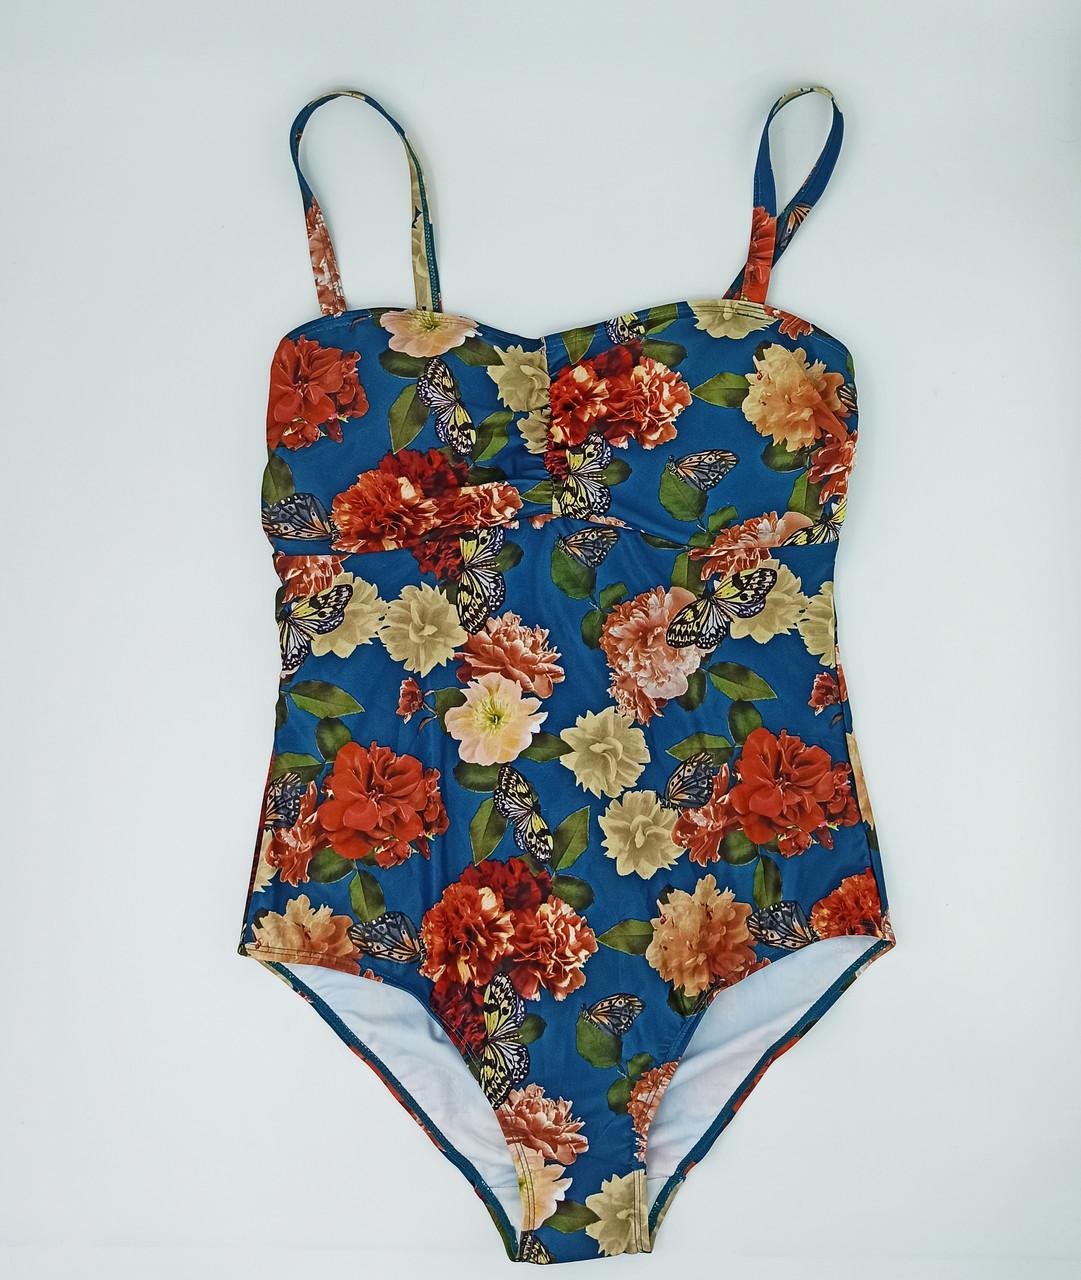 Жіночий купальник відрядний монокіні Esmara (EUR 42р) бірюзовий в квіти (312243)